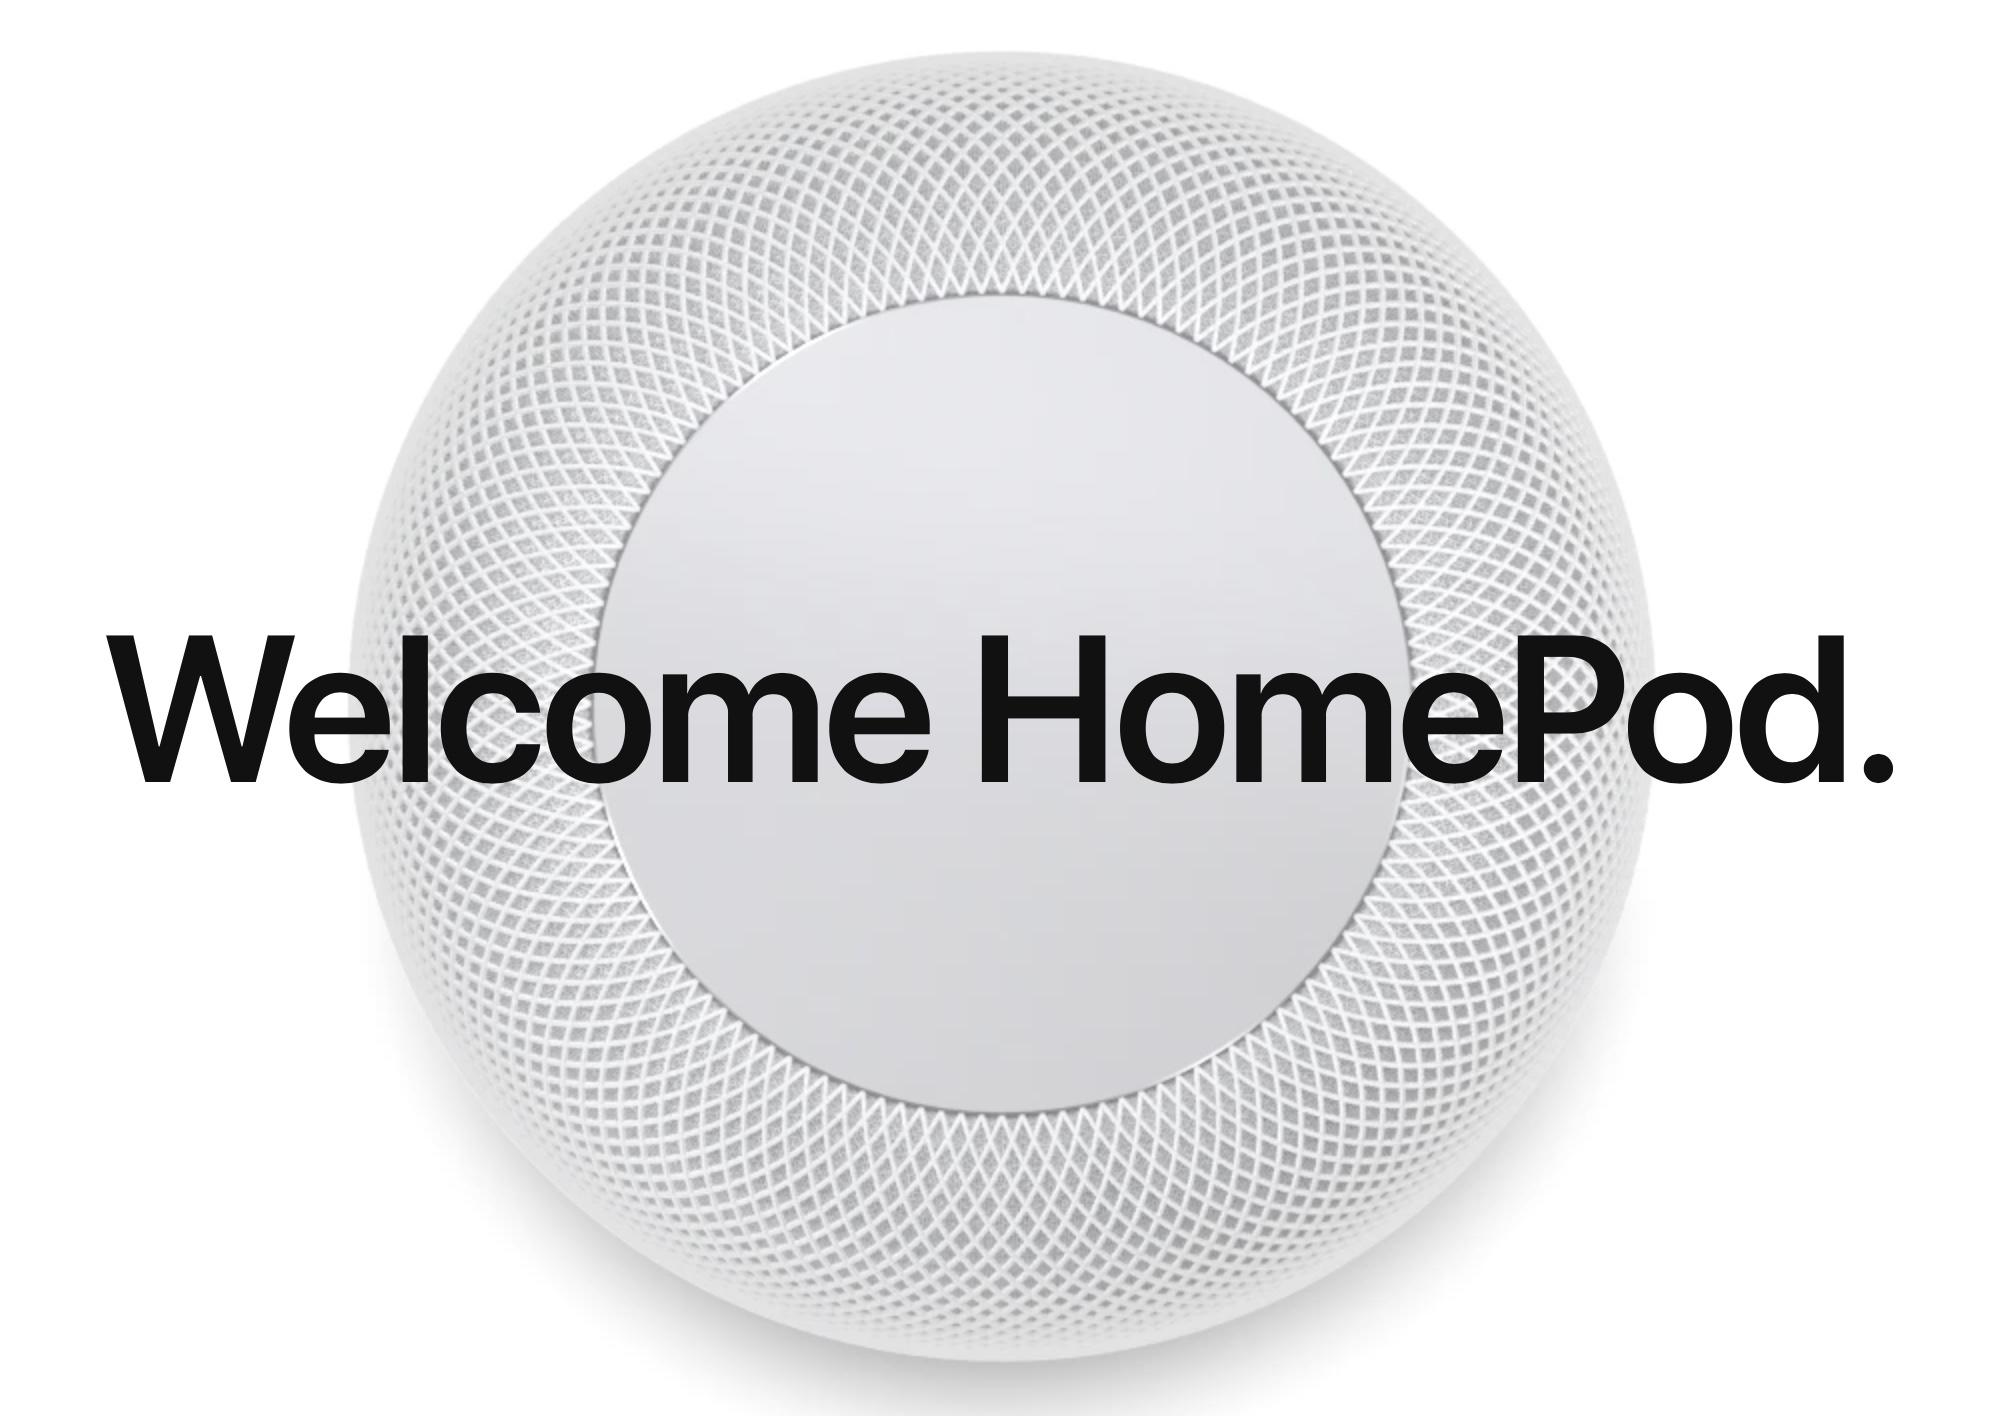 homepod-1.jpg